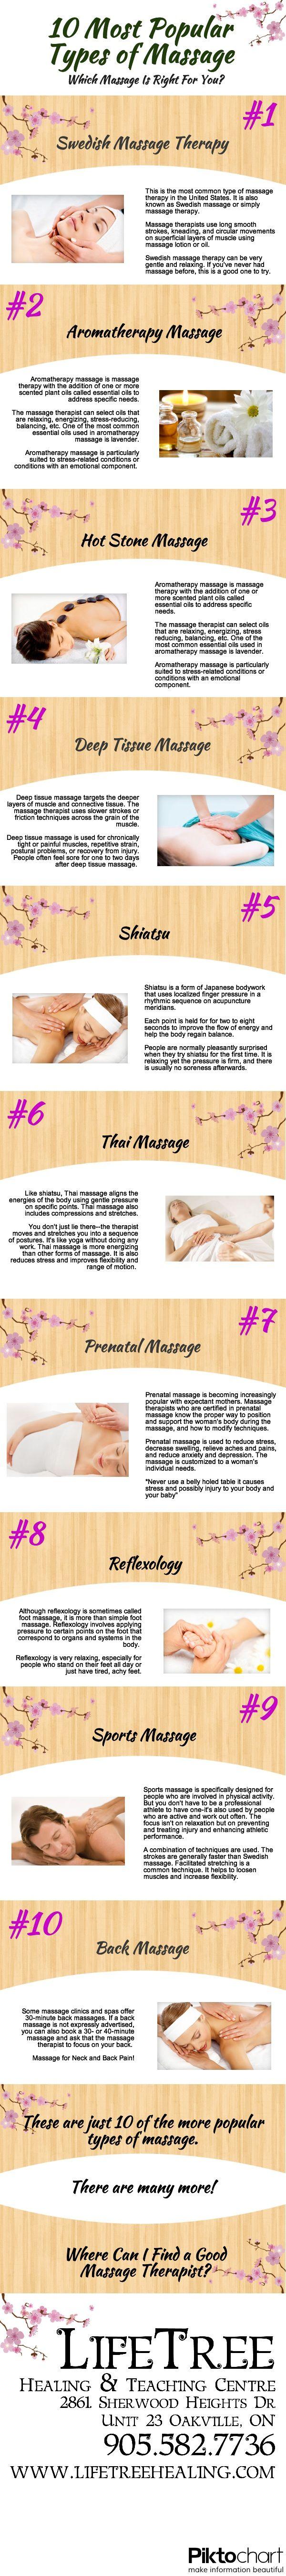 10 Most Popular Types of Massage    #lifetree #massage #massagetherapy www.lifetreehealing.com